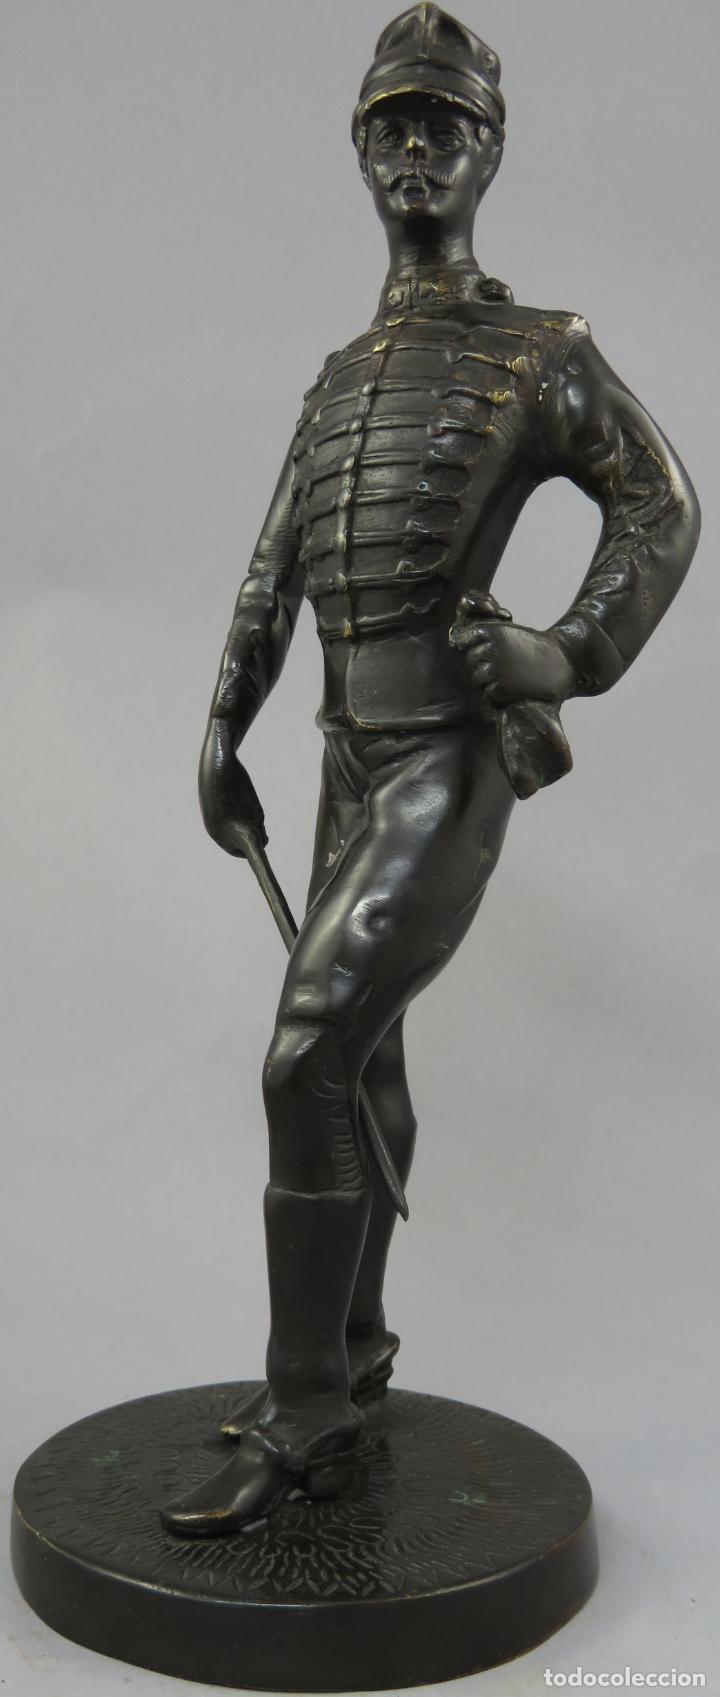 Arte: Escultura soldado húsar de la Princesa en bronce pulido siglo XX - Foto 3 - 230361210